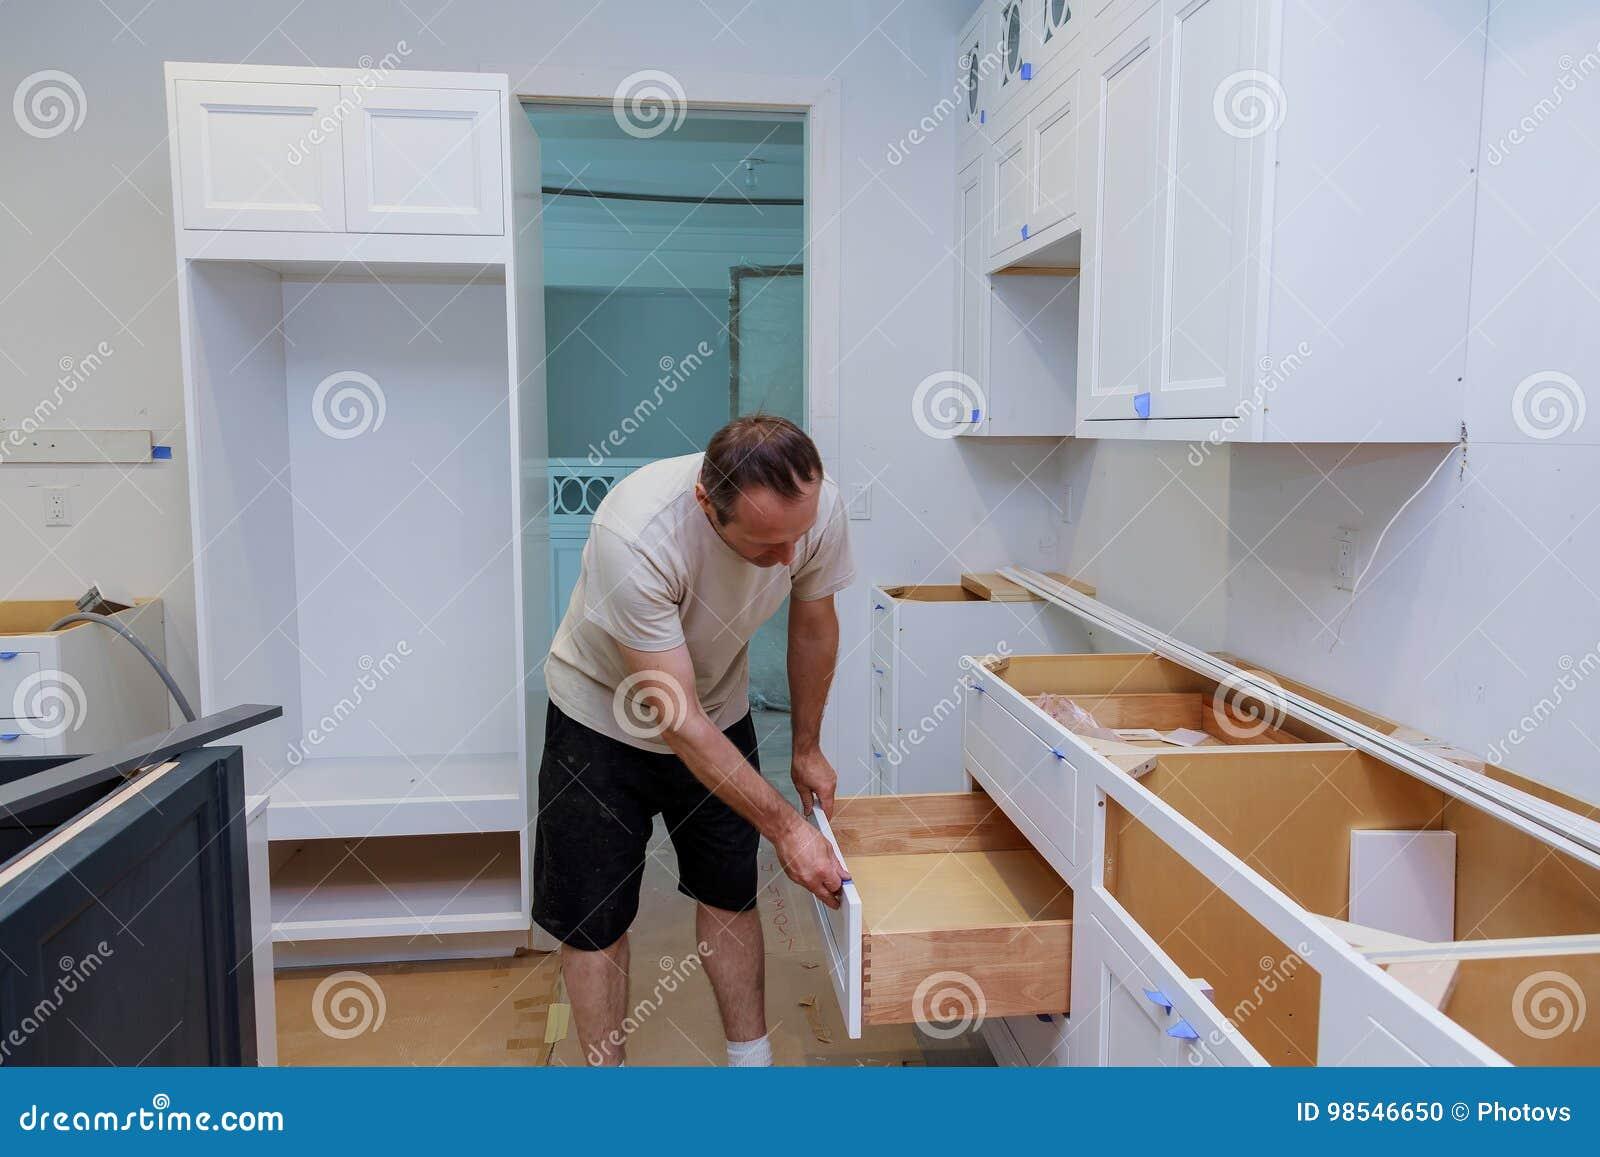 Installationsküche Arbeitskraft Installiert Türen Zum Küchenschrank ...